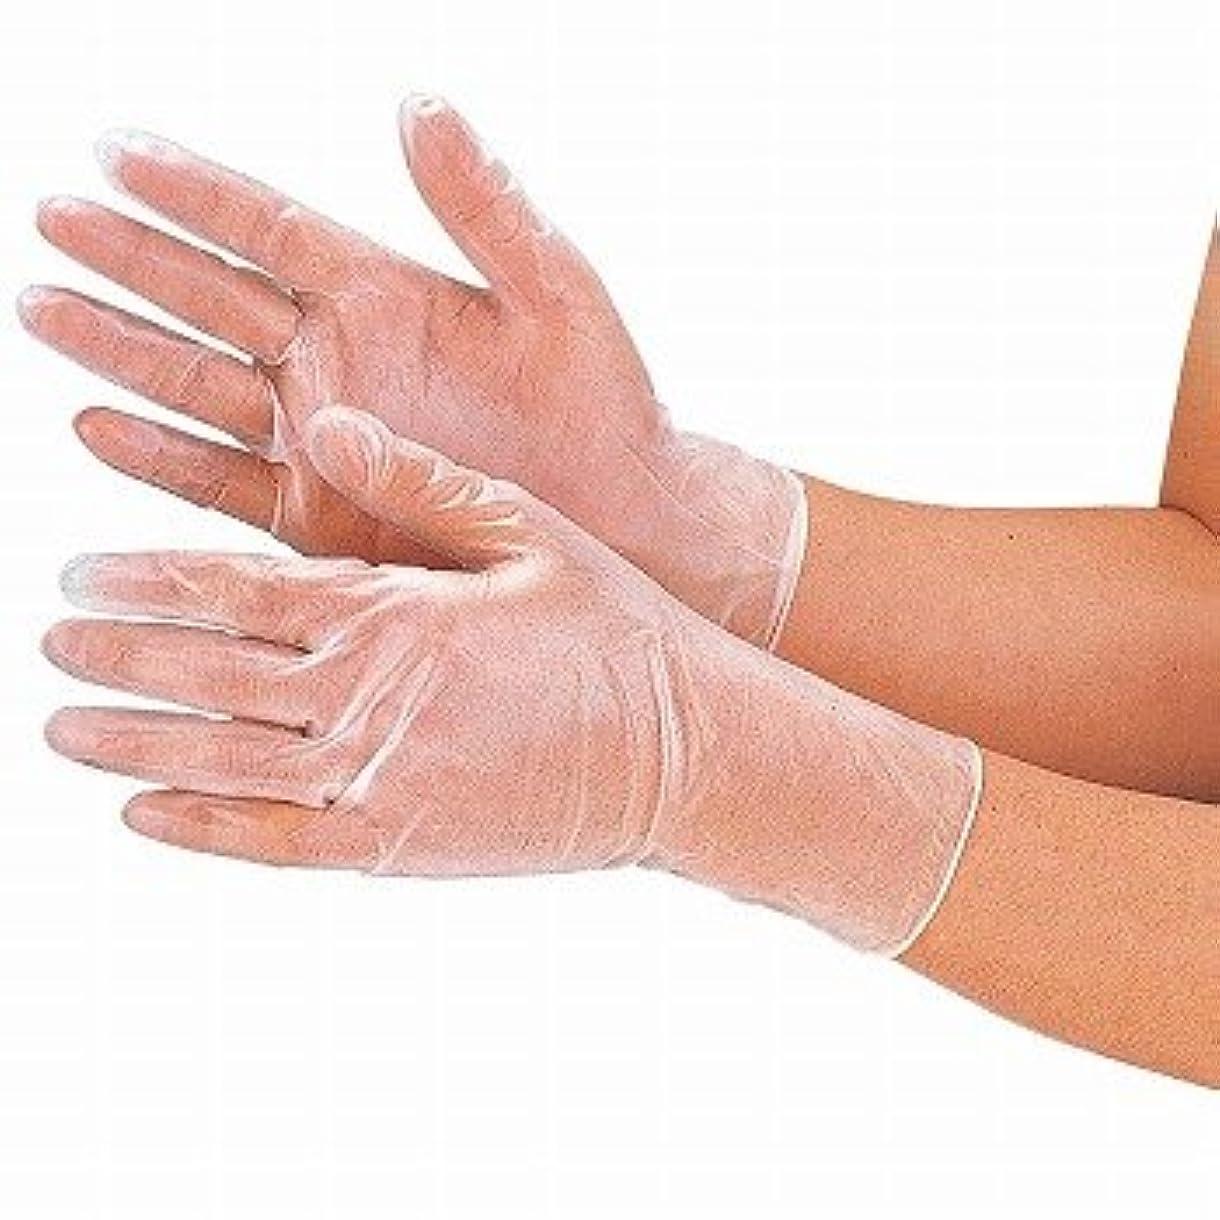 バーガーロードハウス人事おたふく手袋/プラスチックディスポ手袋 100枚入×20セット[総数2000枚]/品番:255 サイズ:S